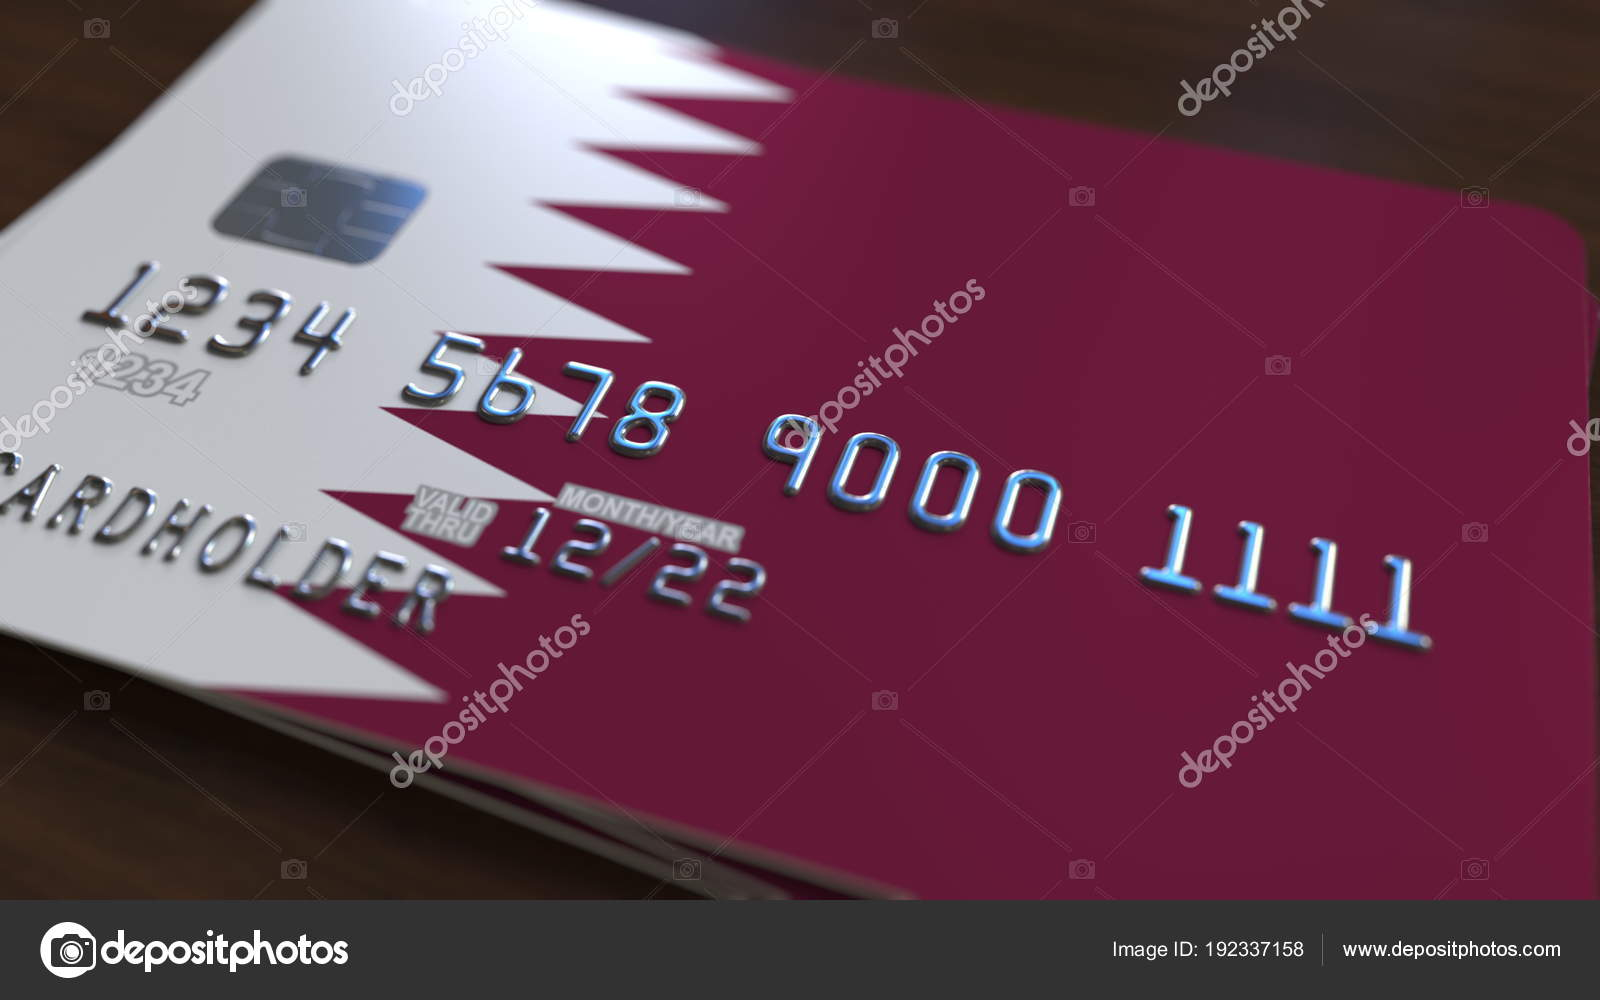 Carto de banco de plstico com a bandeira do qatar sistema carto de banco de plstico com a bandeira do qatar sistema bancrio do qatar conceitual reheart Image collections